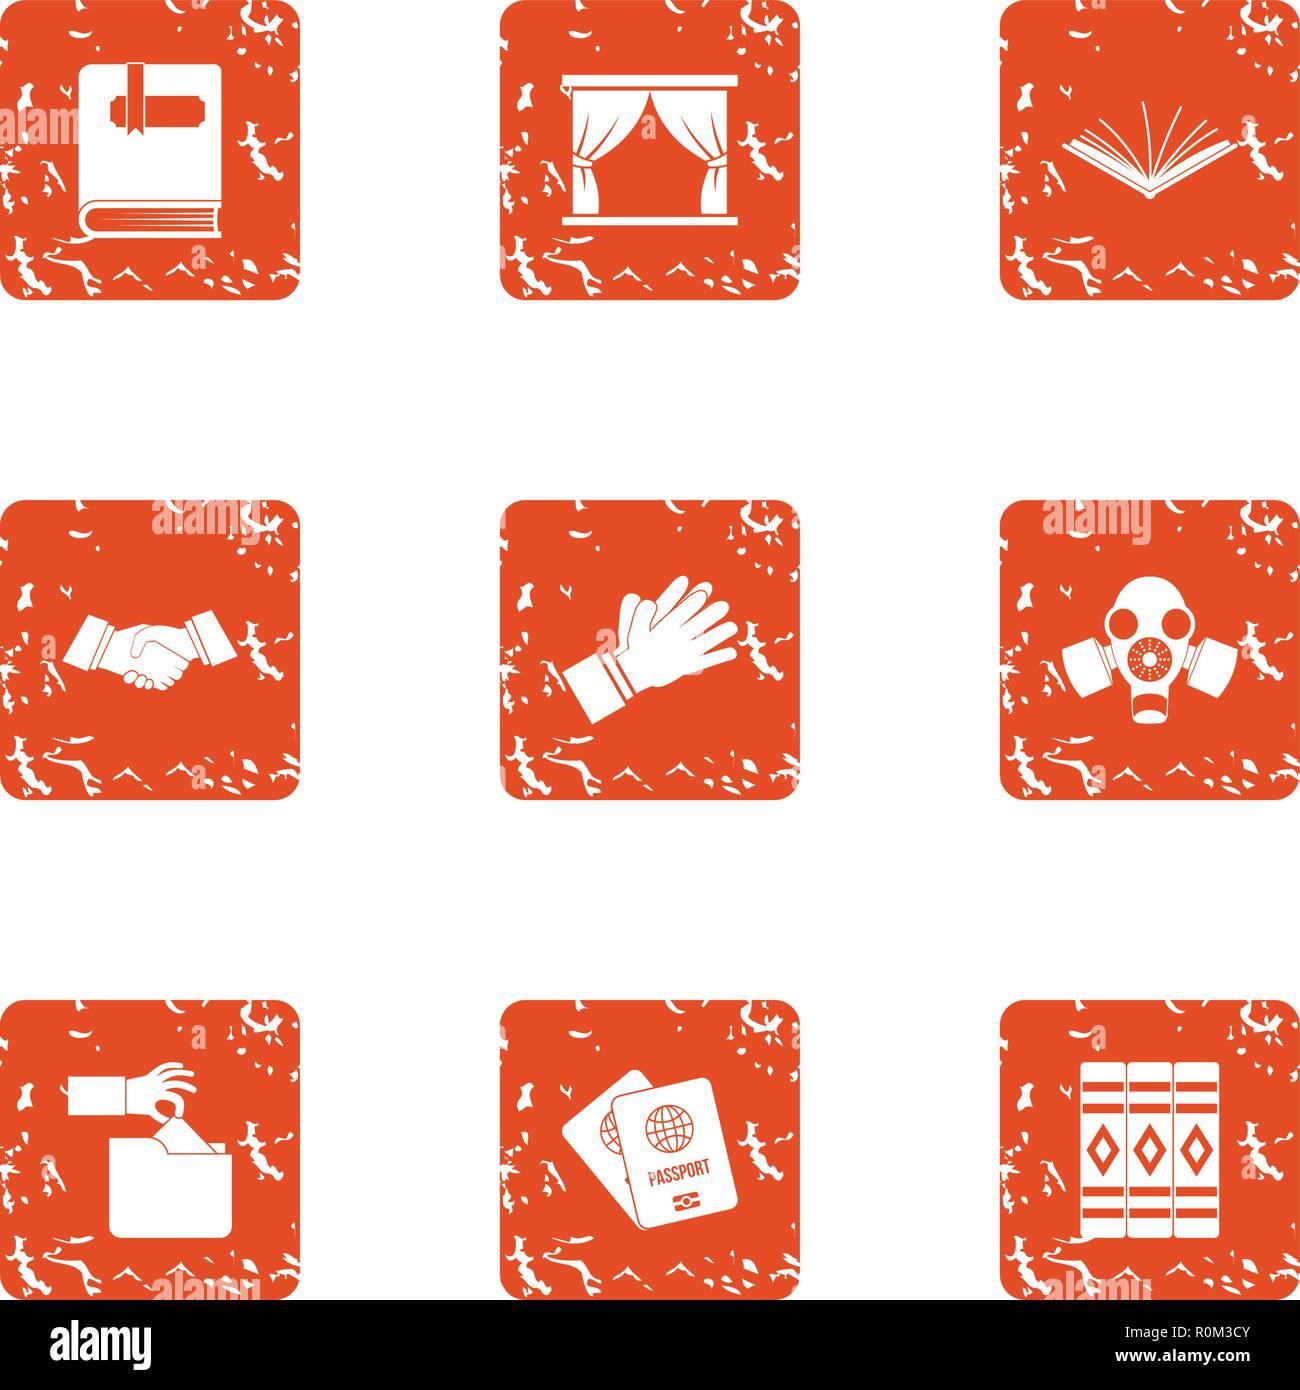 Diplomacy icons set, grunge style - Stock Image